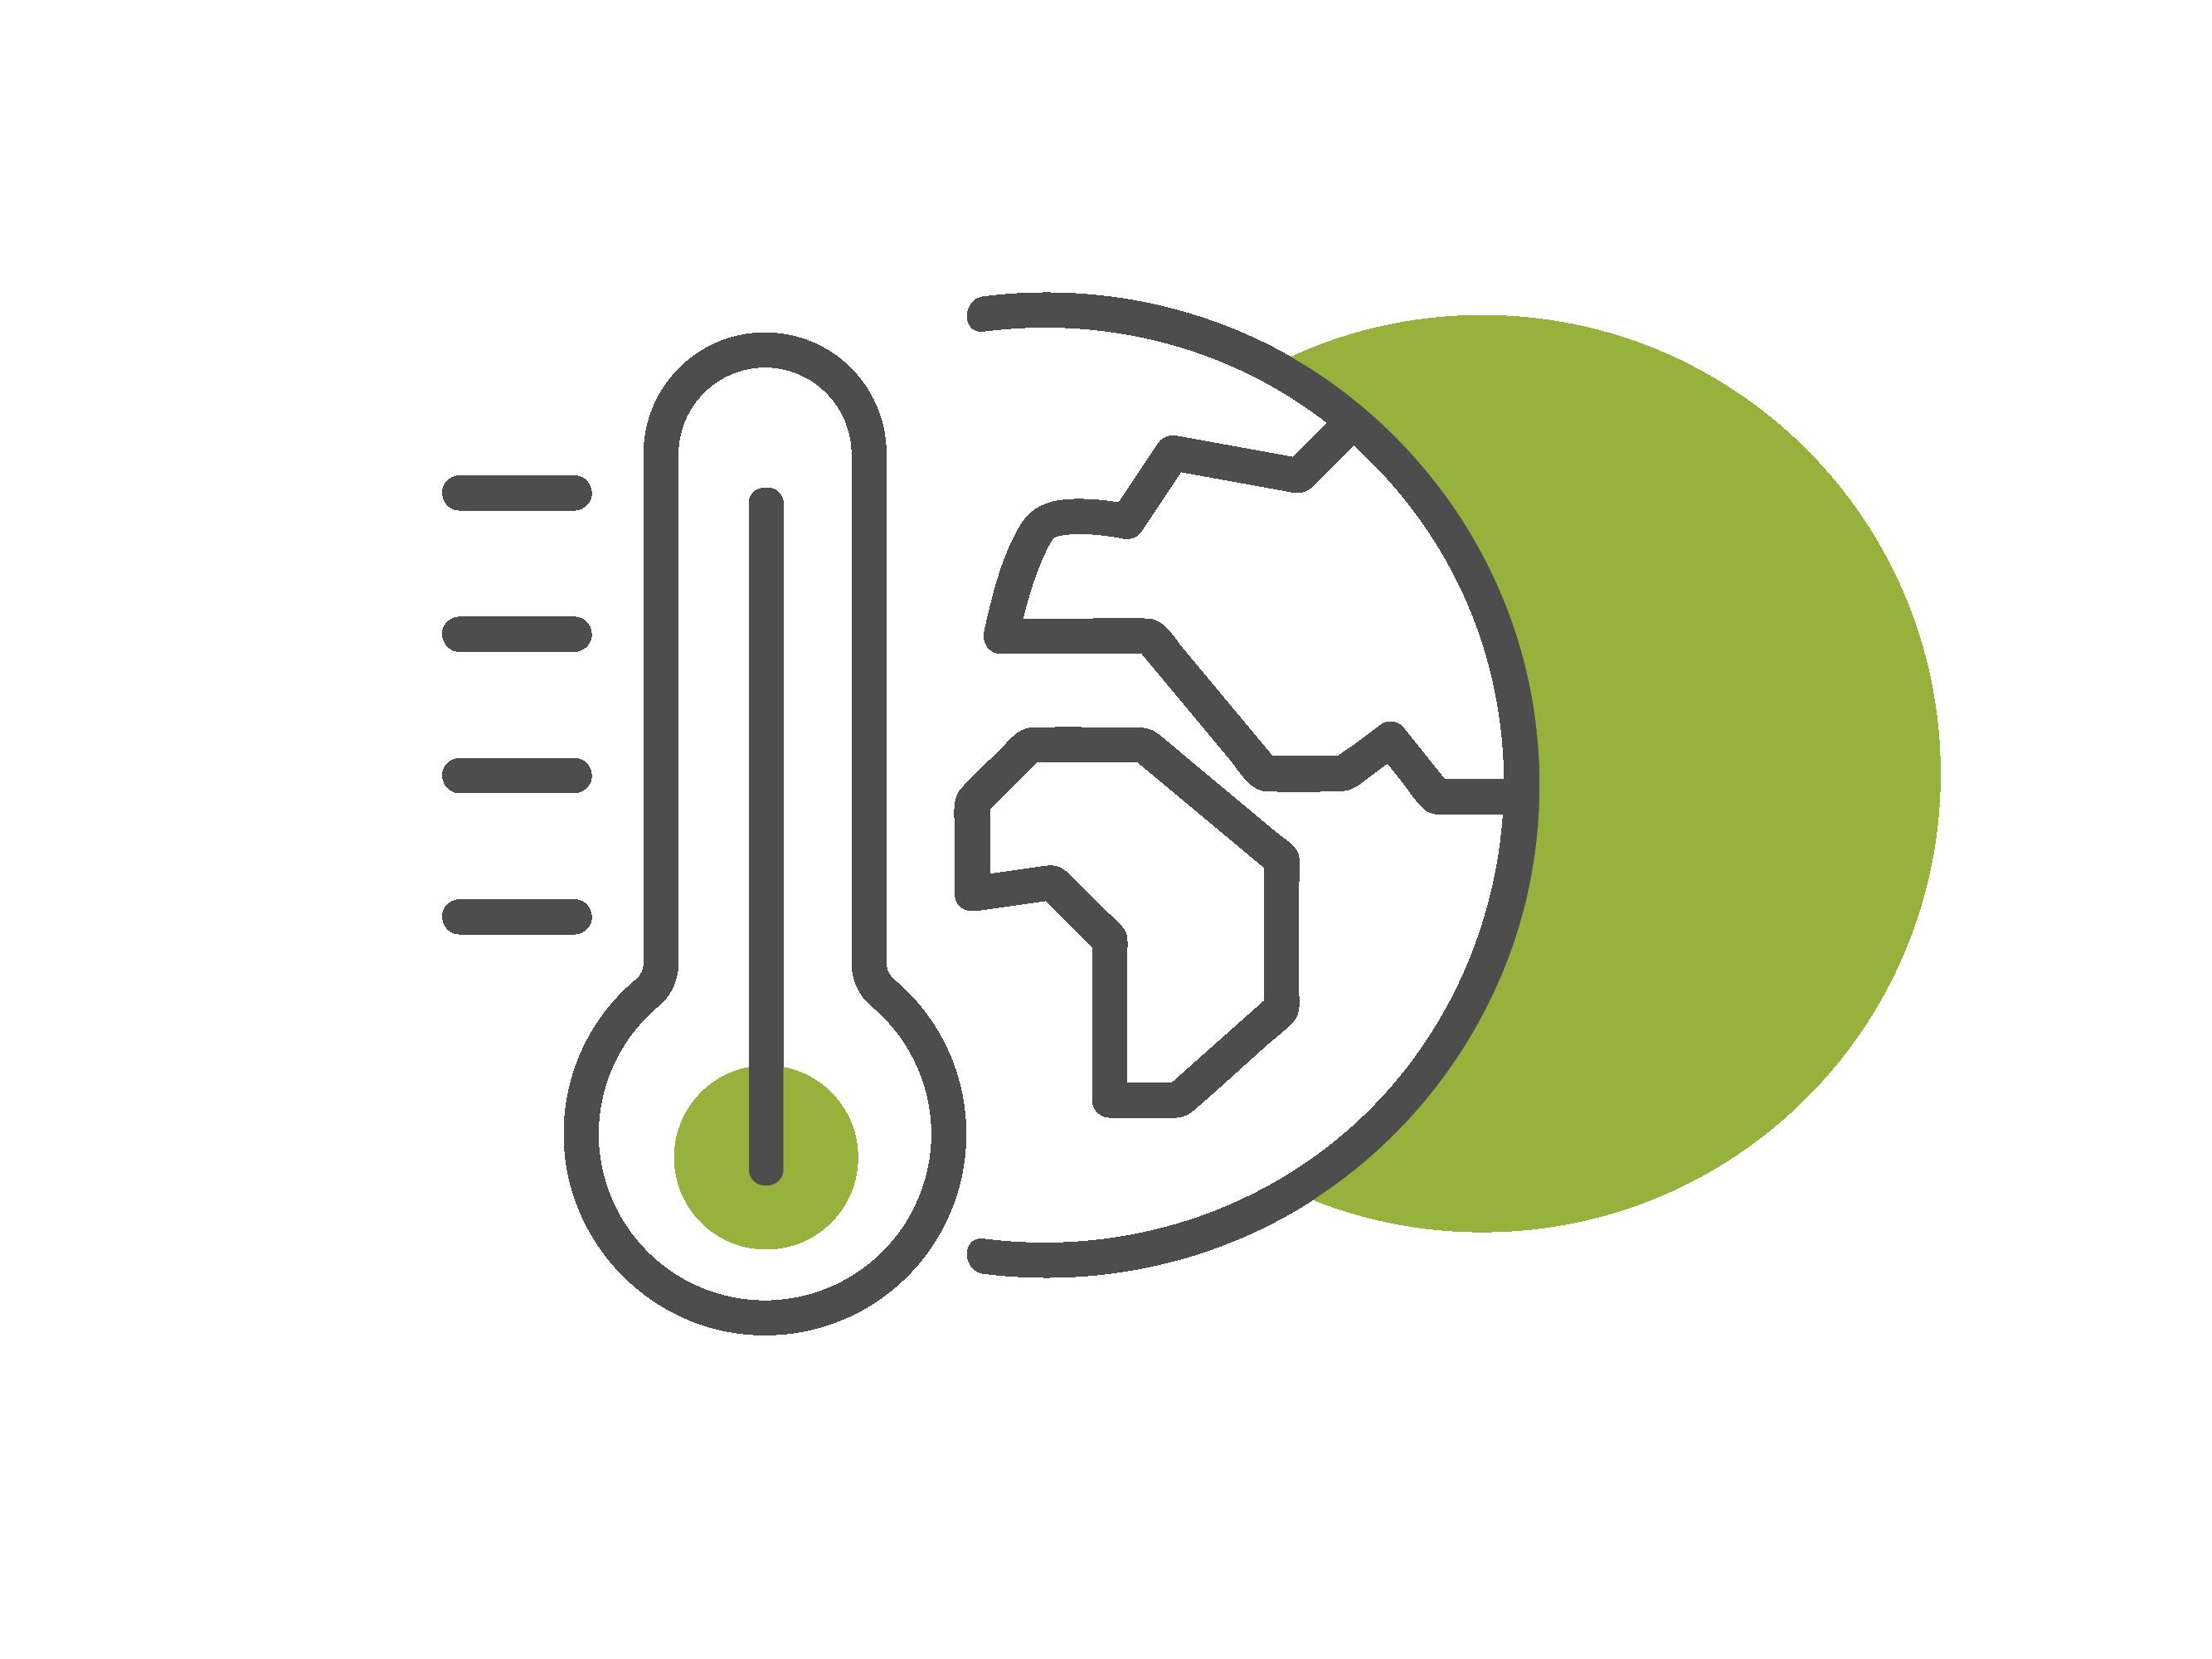 nel738-energy-website-icons-02